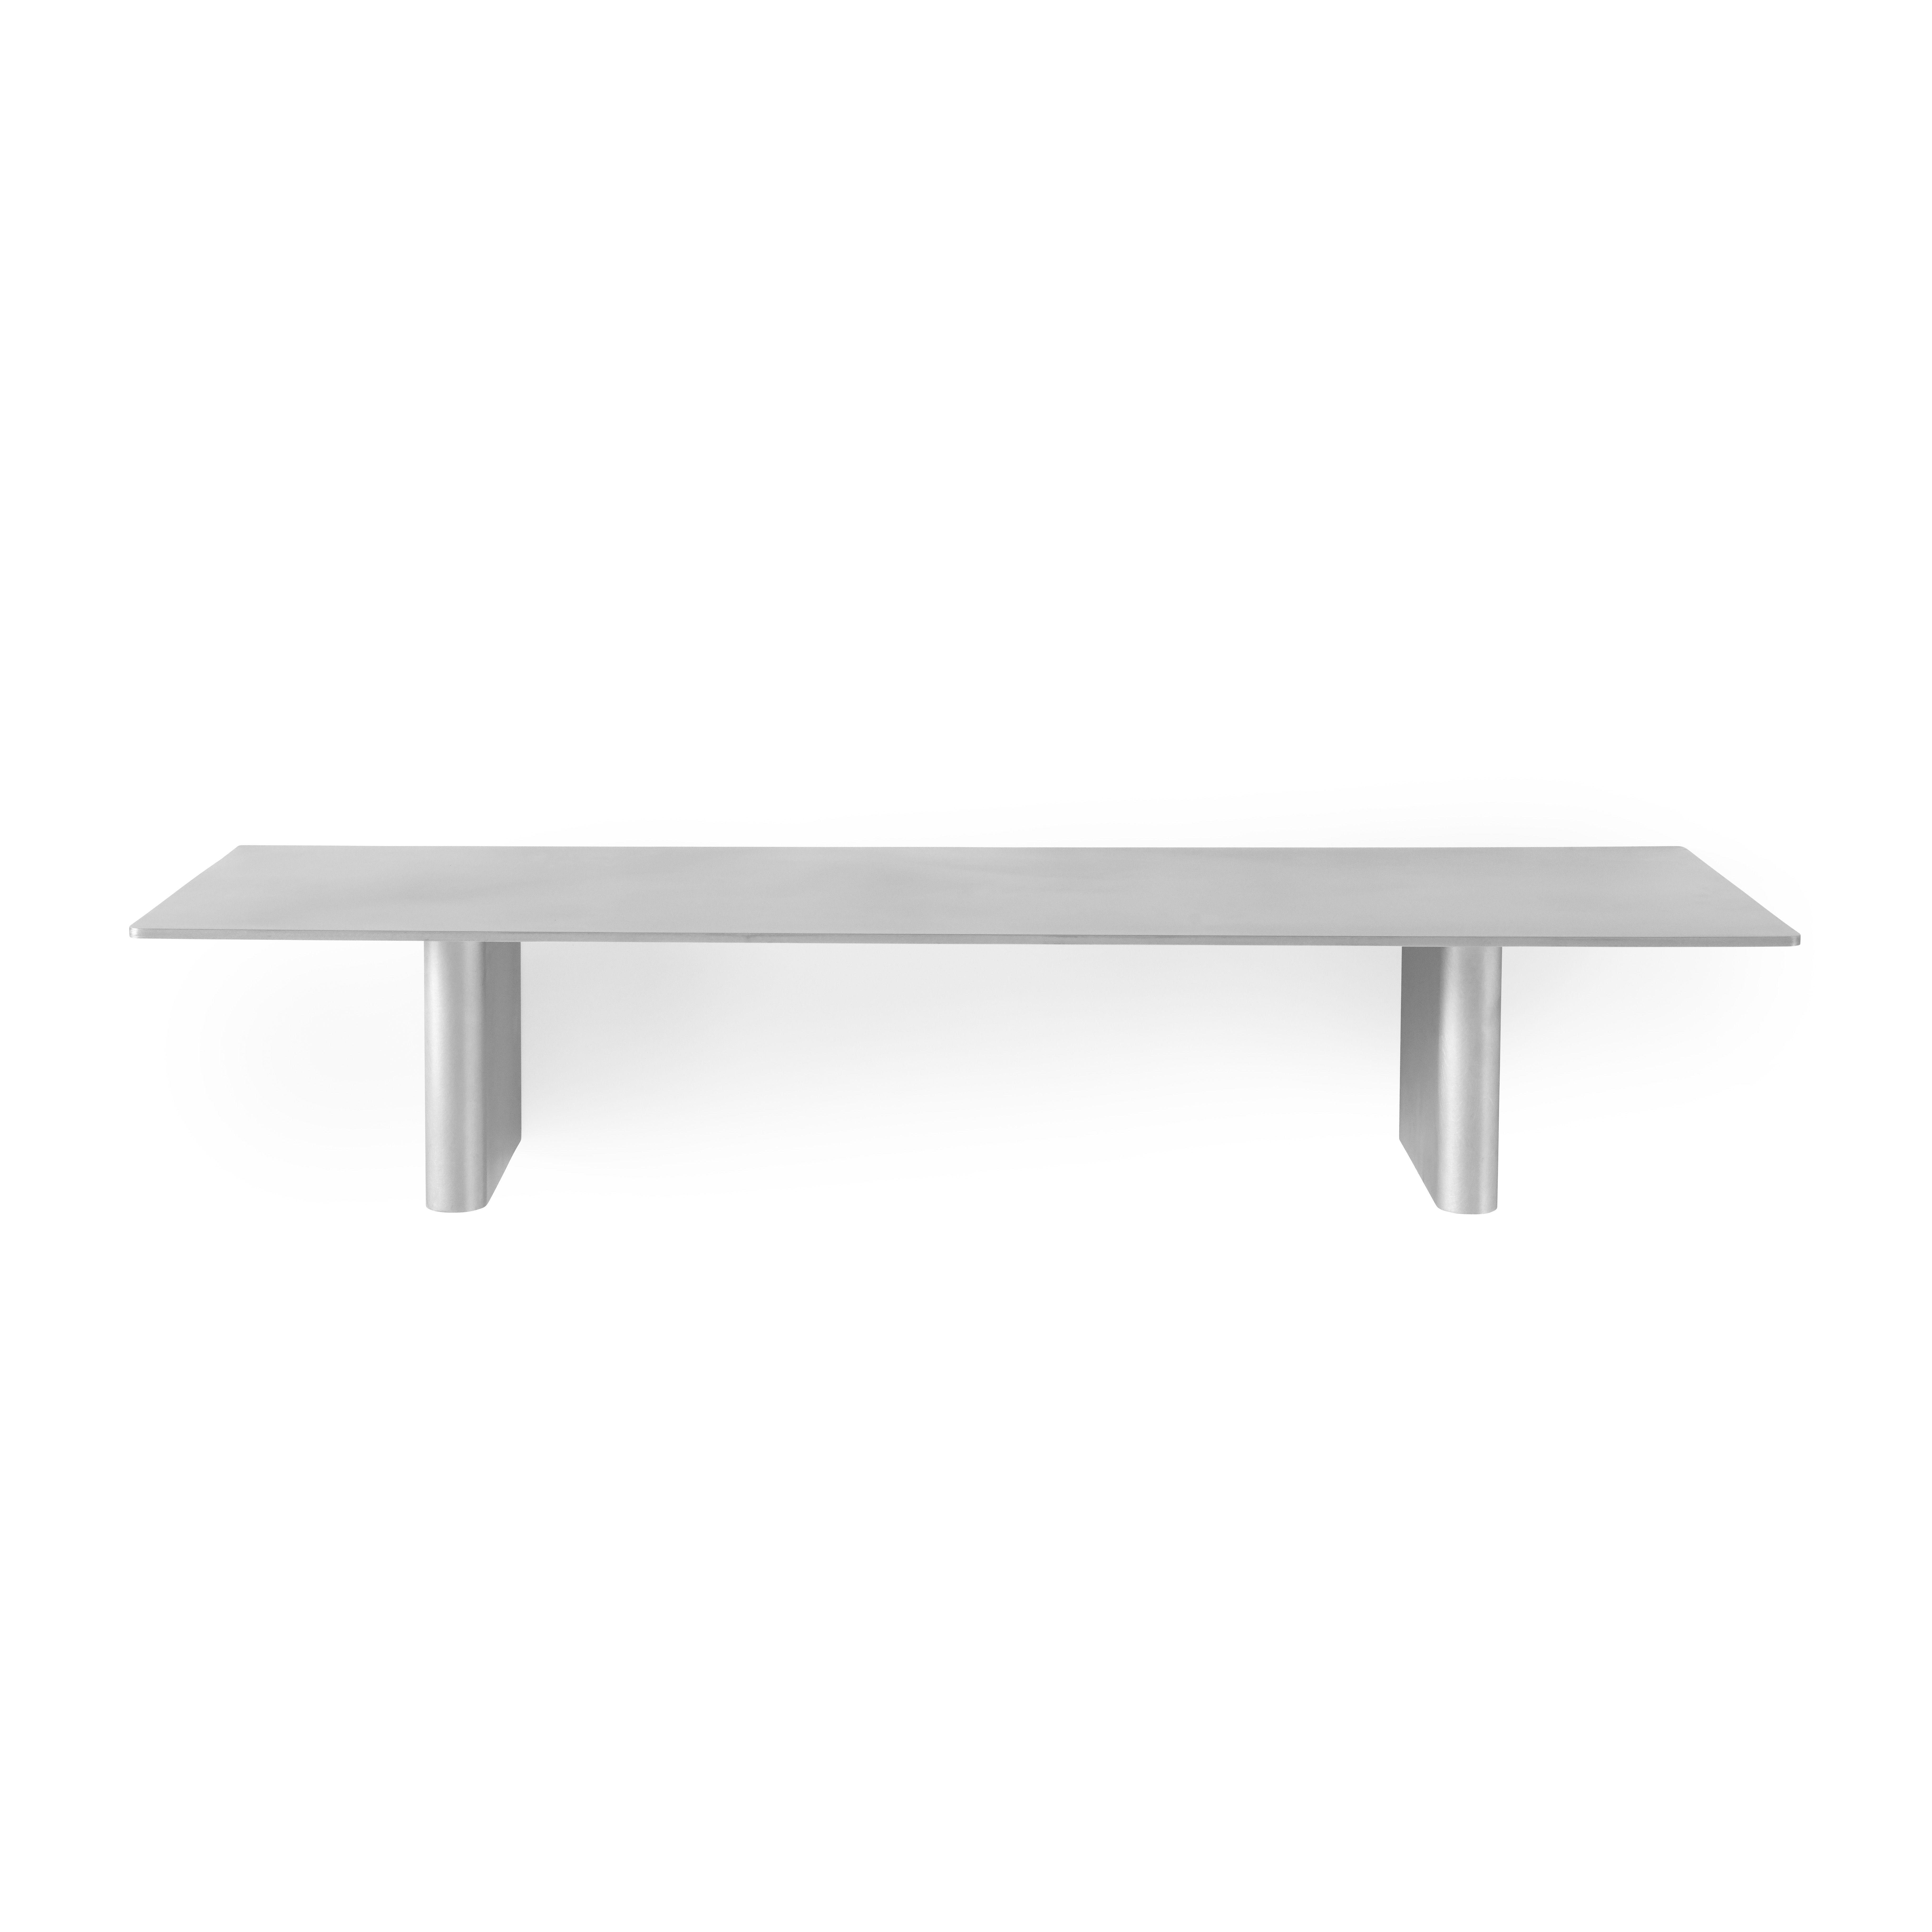 Furniture - Bookcases & Bookshelves - Column JA2 Shelf - / Aluminium - L 80 cm by &tradition - Aluminium - Aluminium